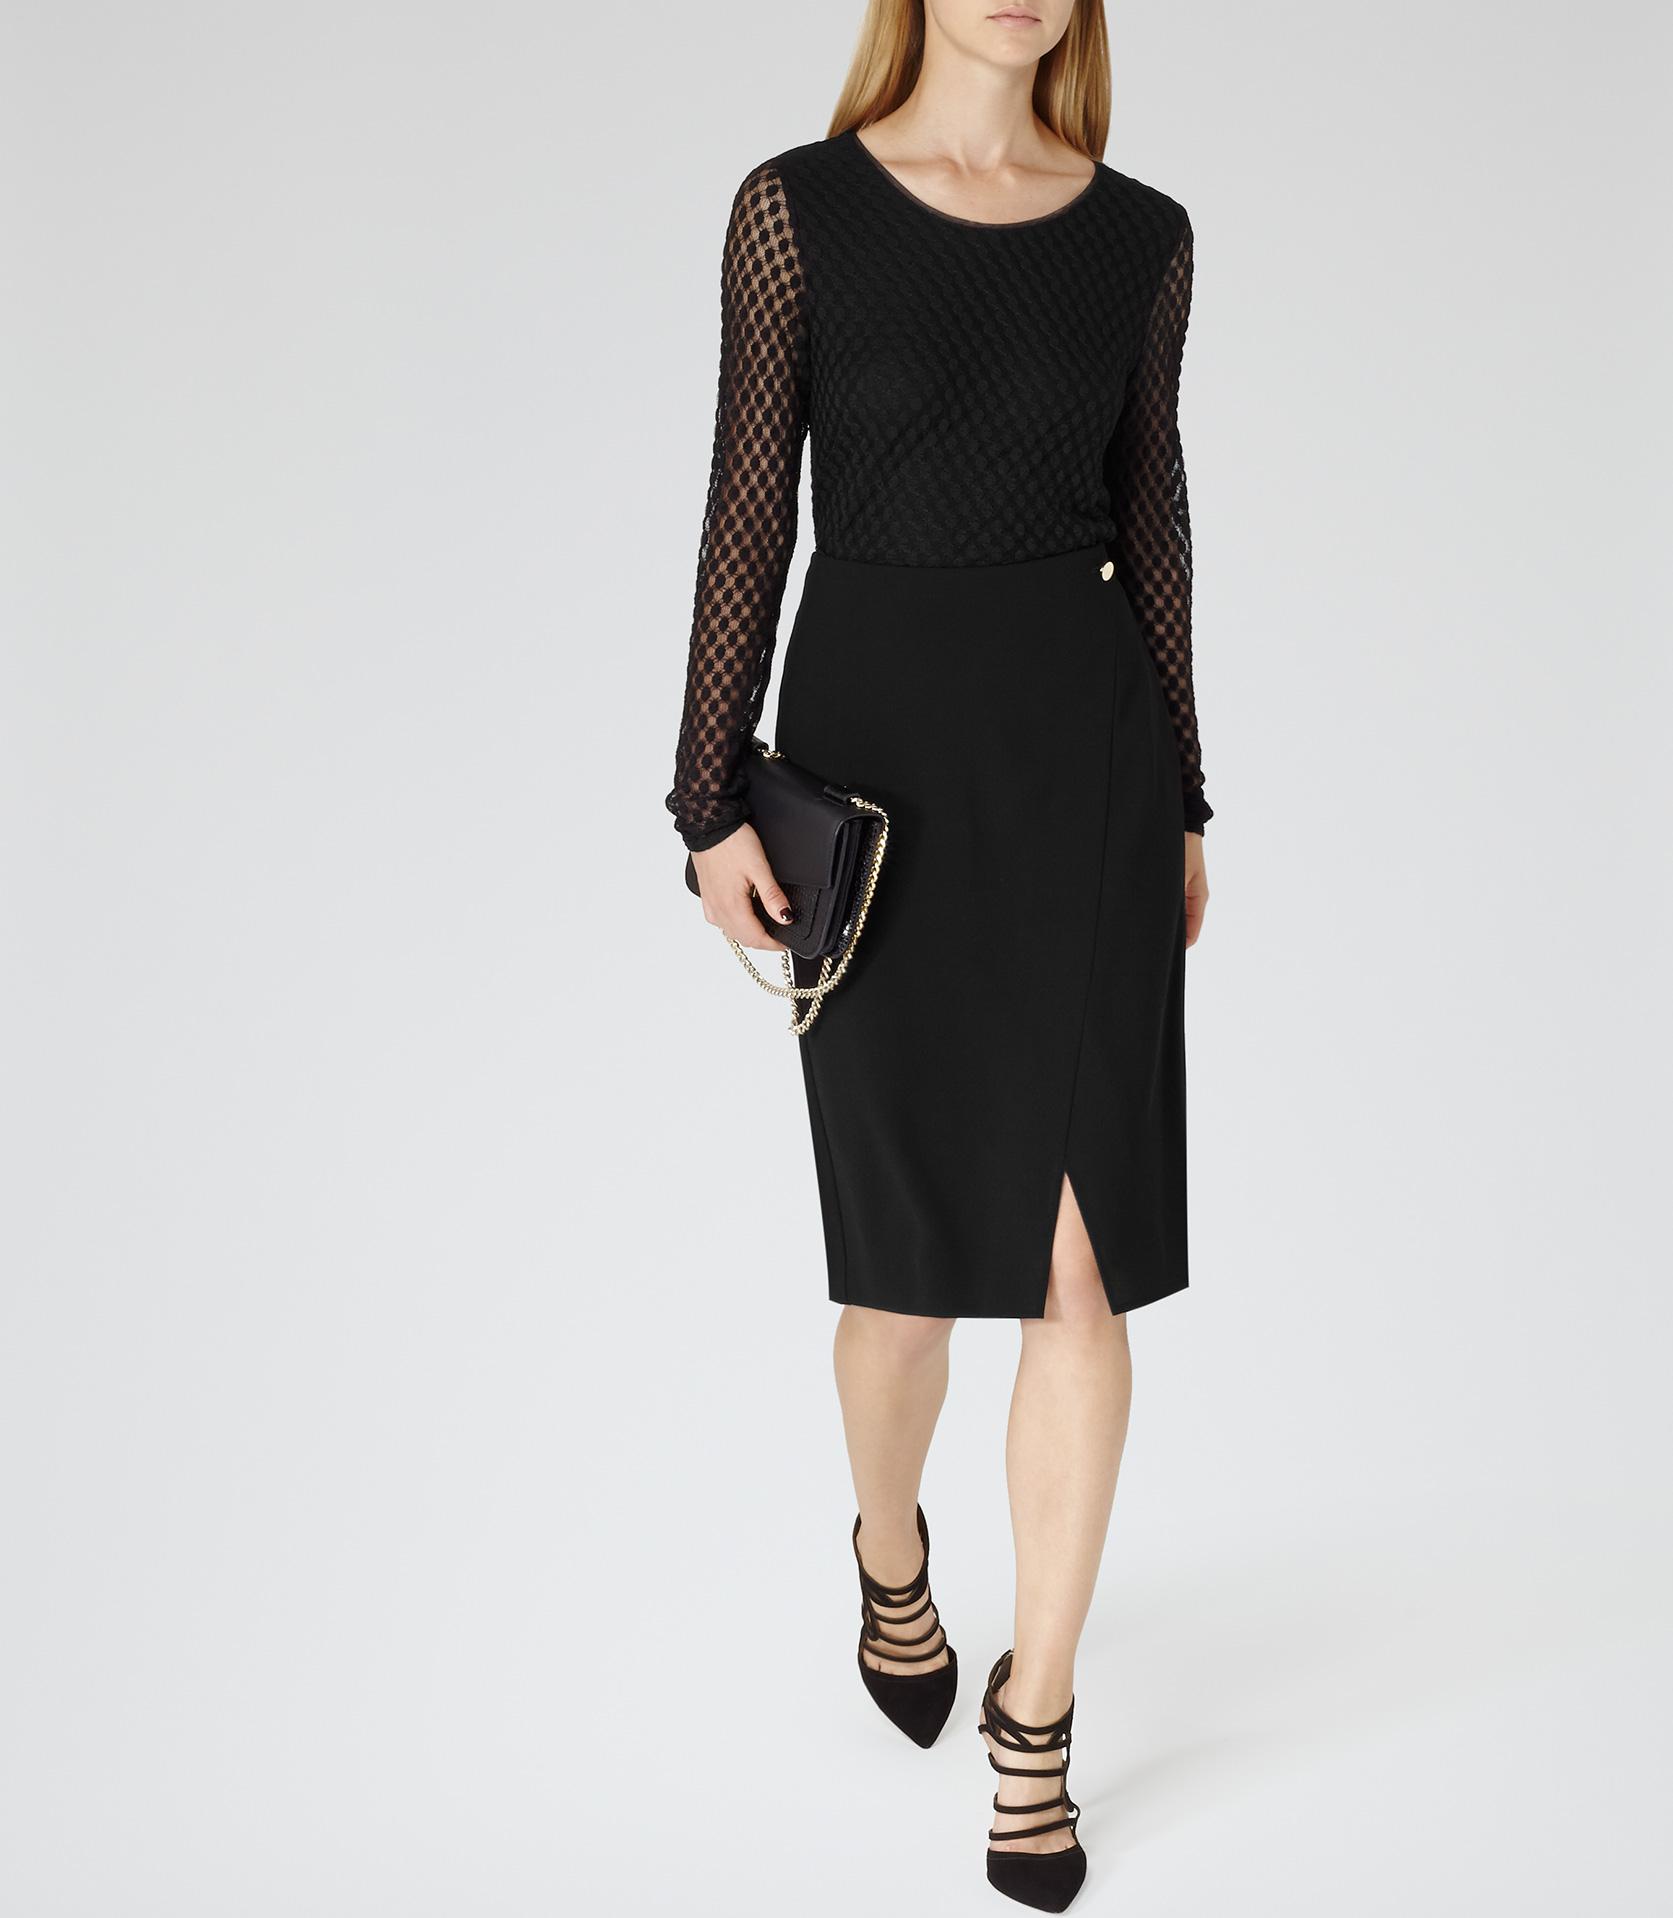 Adriana Black Button Wrap Style Skirt - REISS